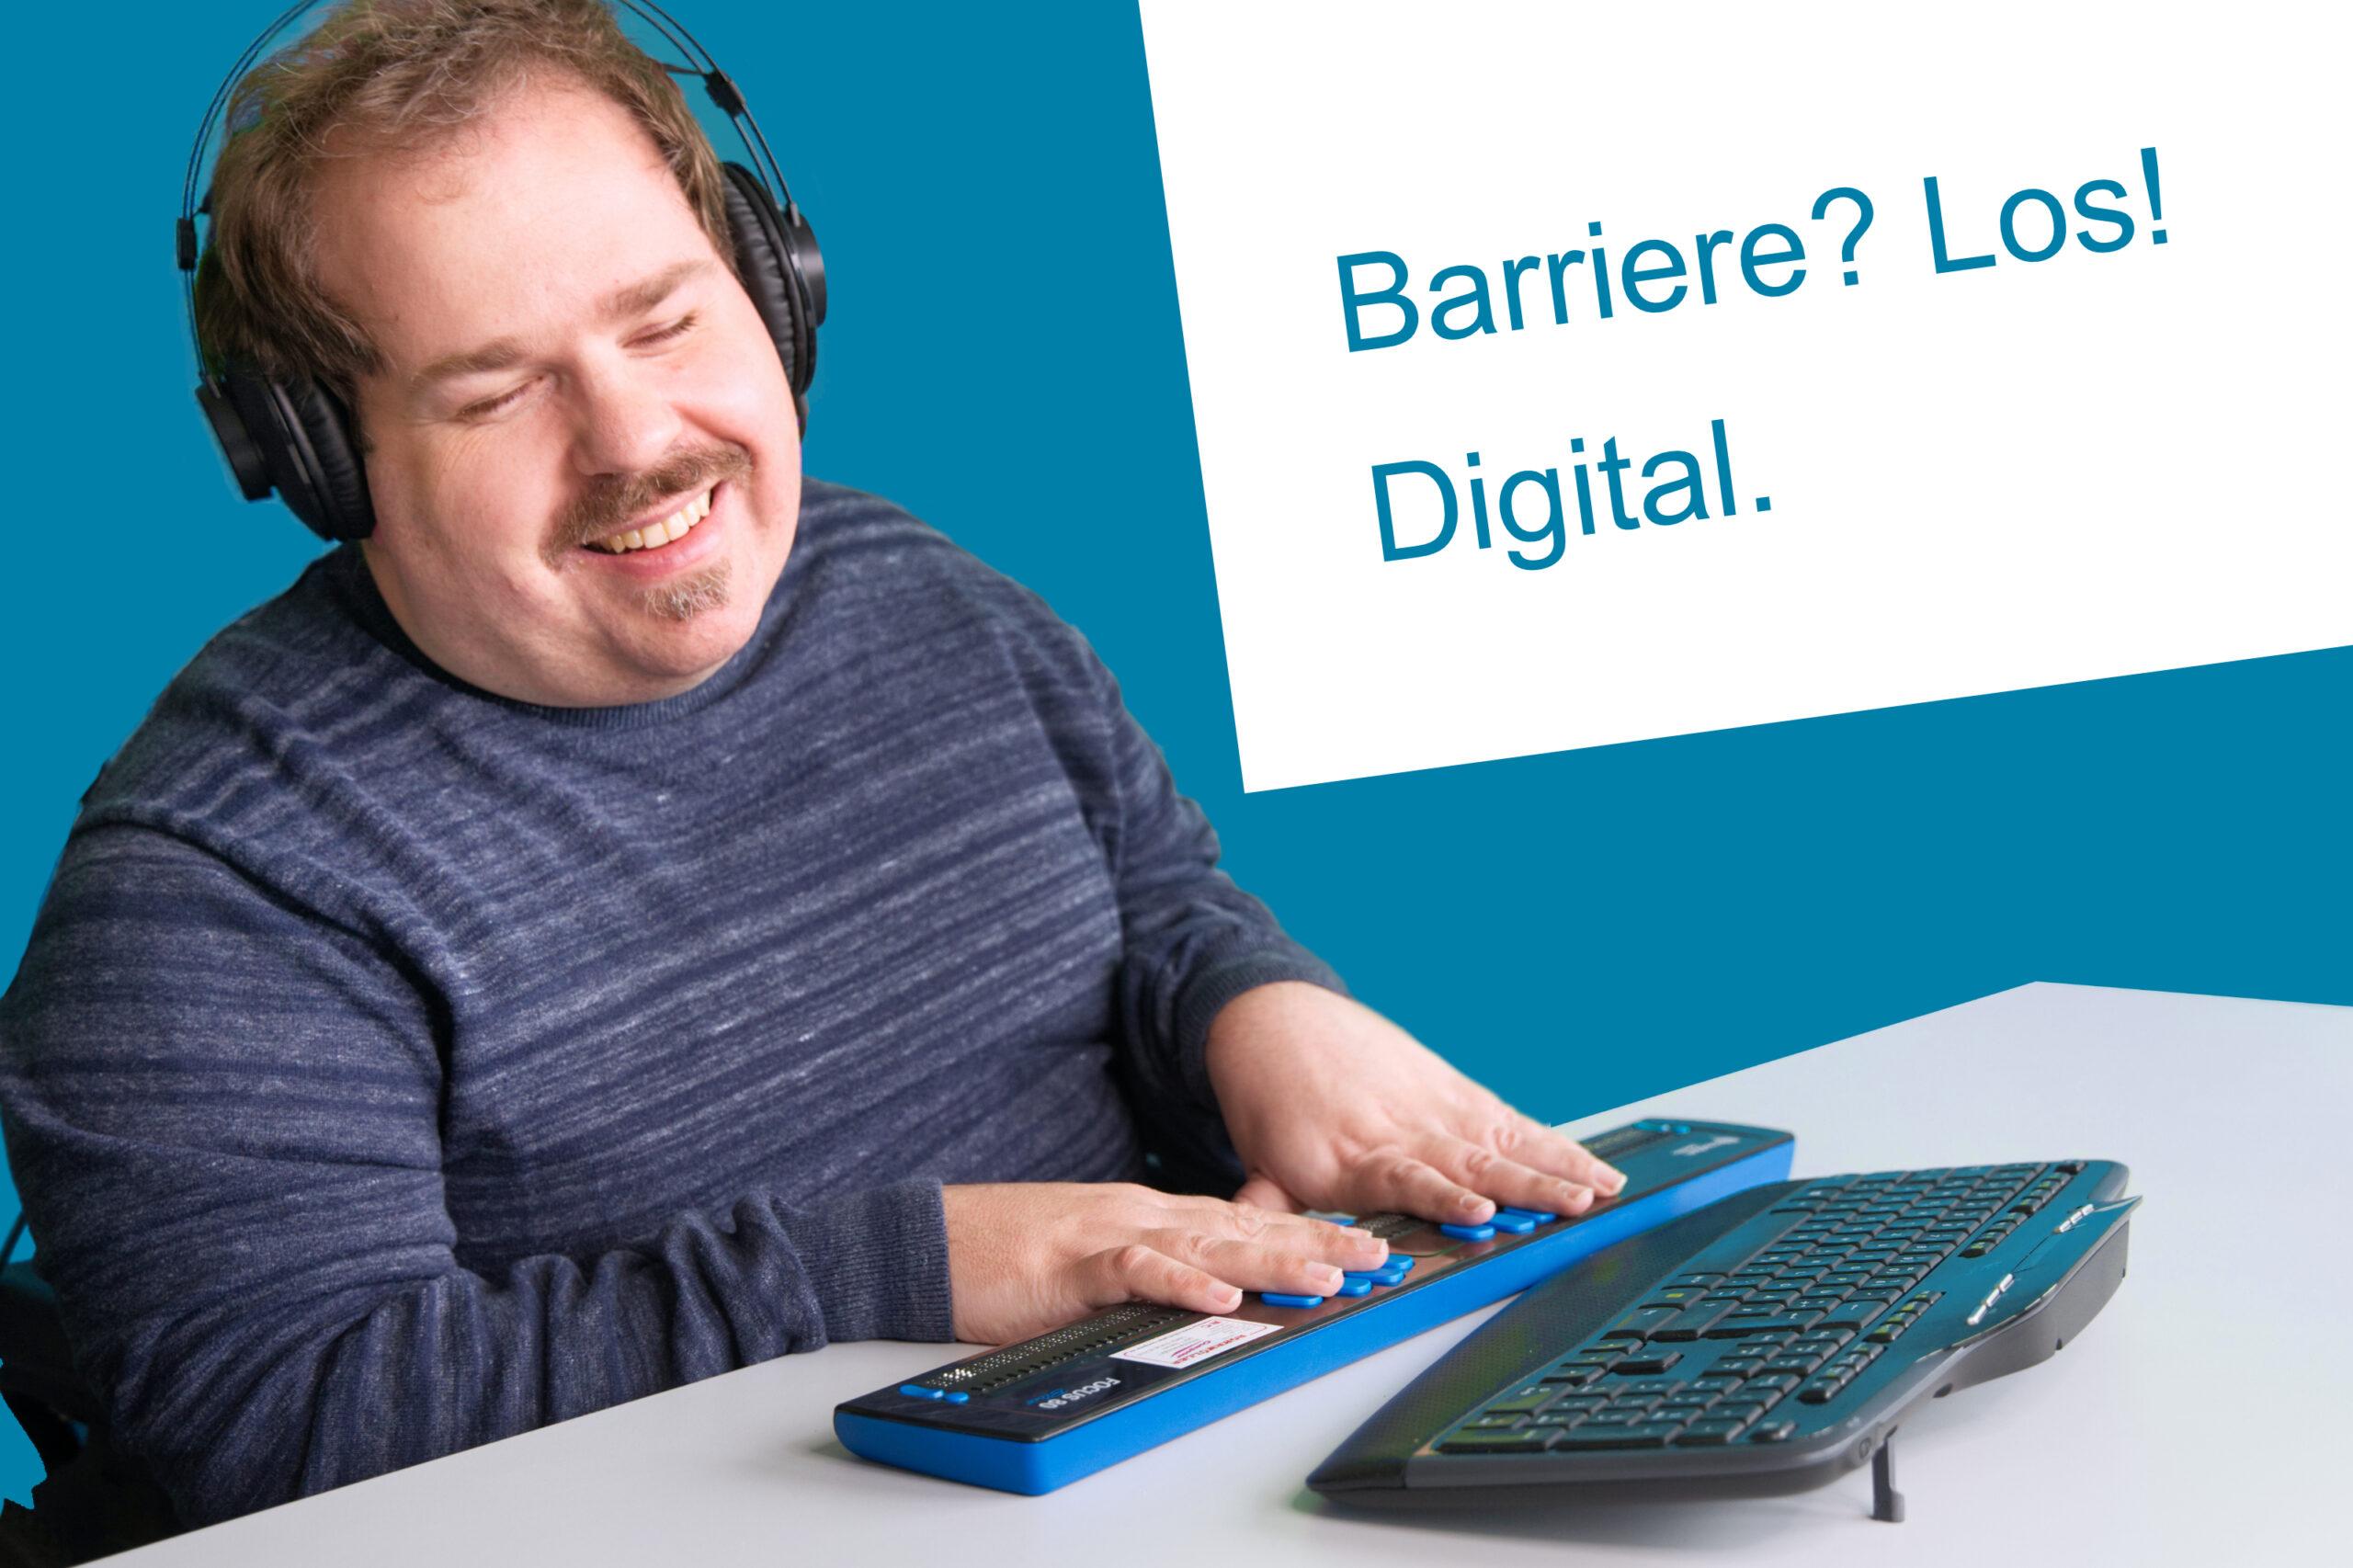 Podast Cover mit Titel des Podcasts: Barrierefreielos Digital. Darauf zu sehen ist ein blinder Mann mit Headset auf dem Kopf und Spezialtastatur mit Braillezeile am Computer und lächelt